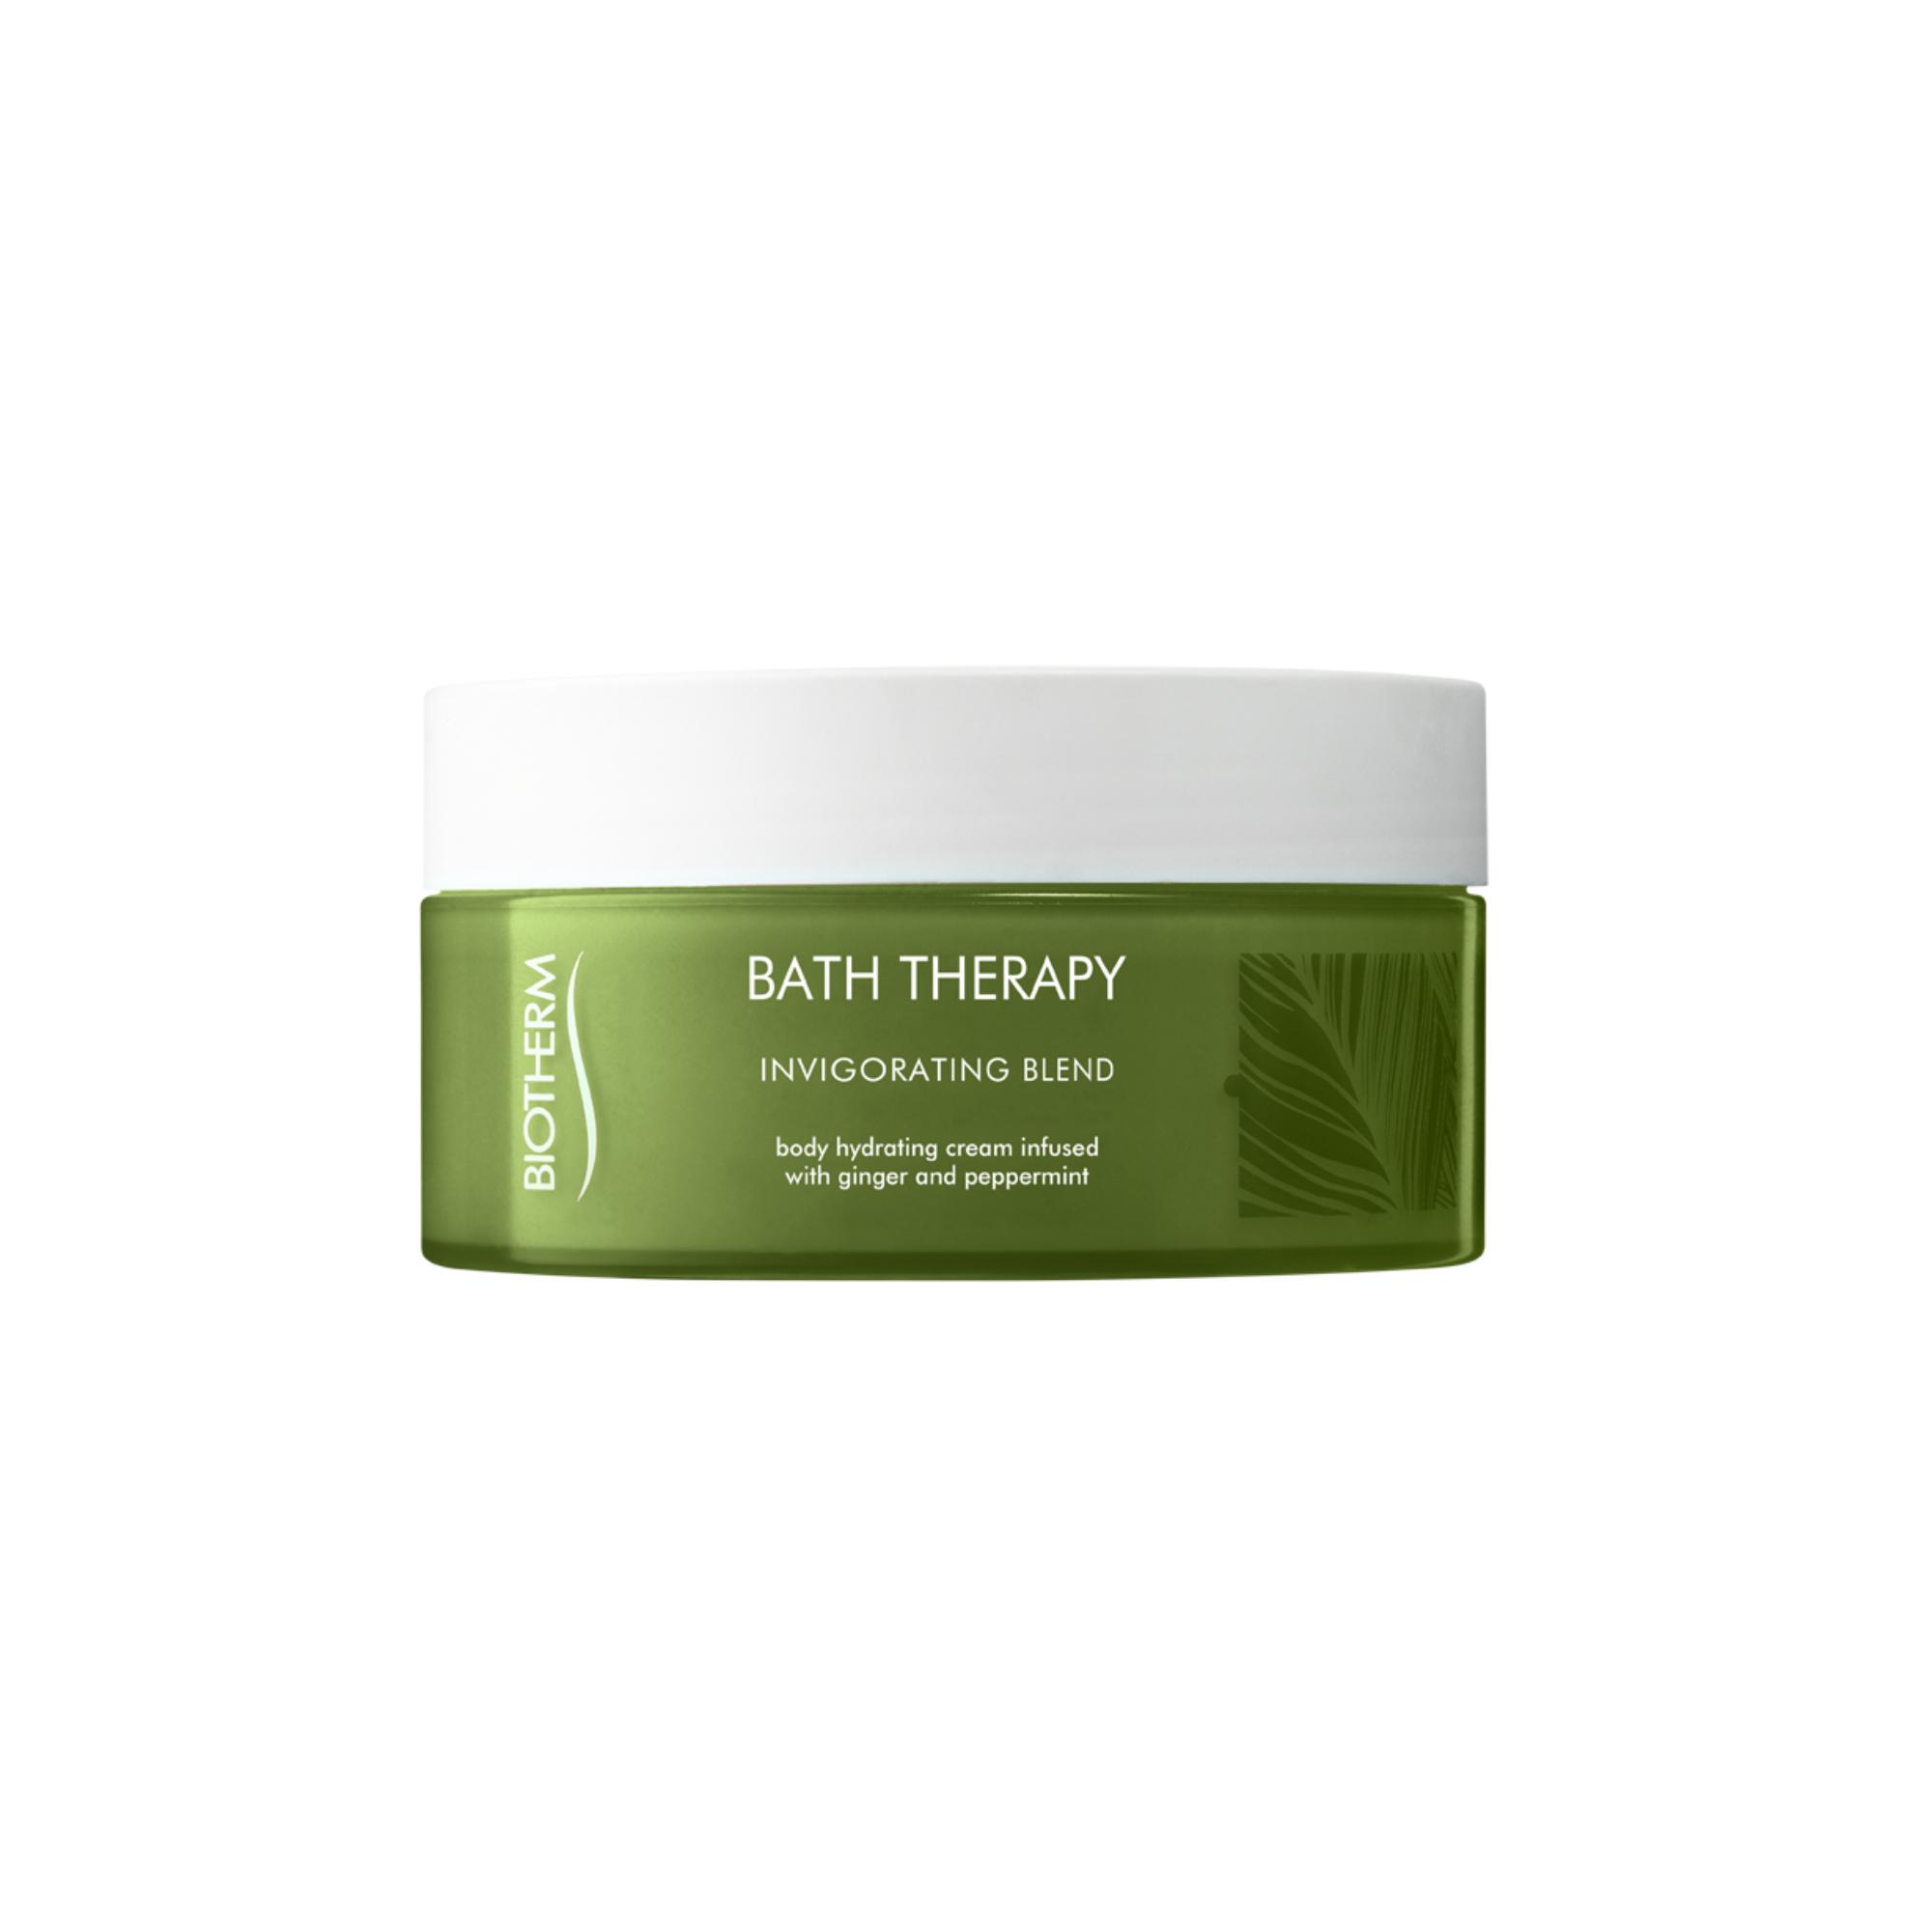 Bath Therapy Invigorating Body Creme 200ml